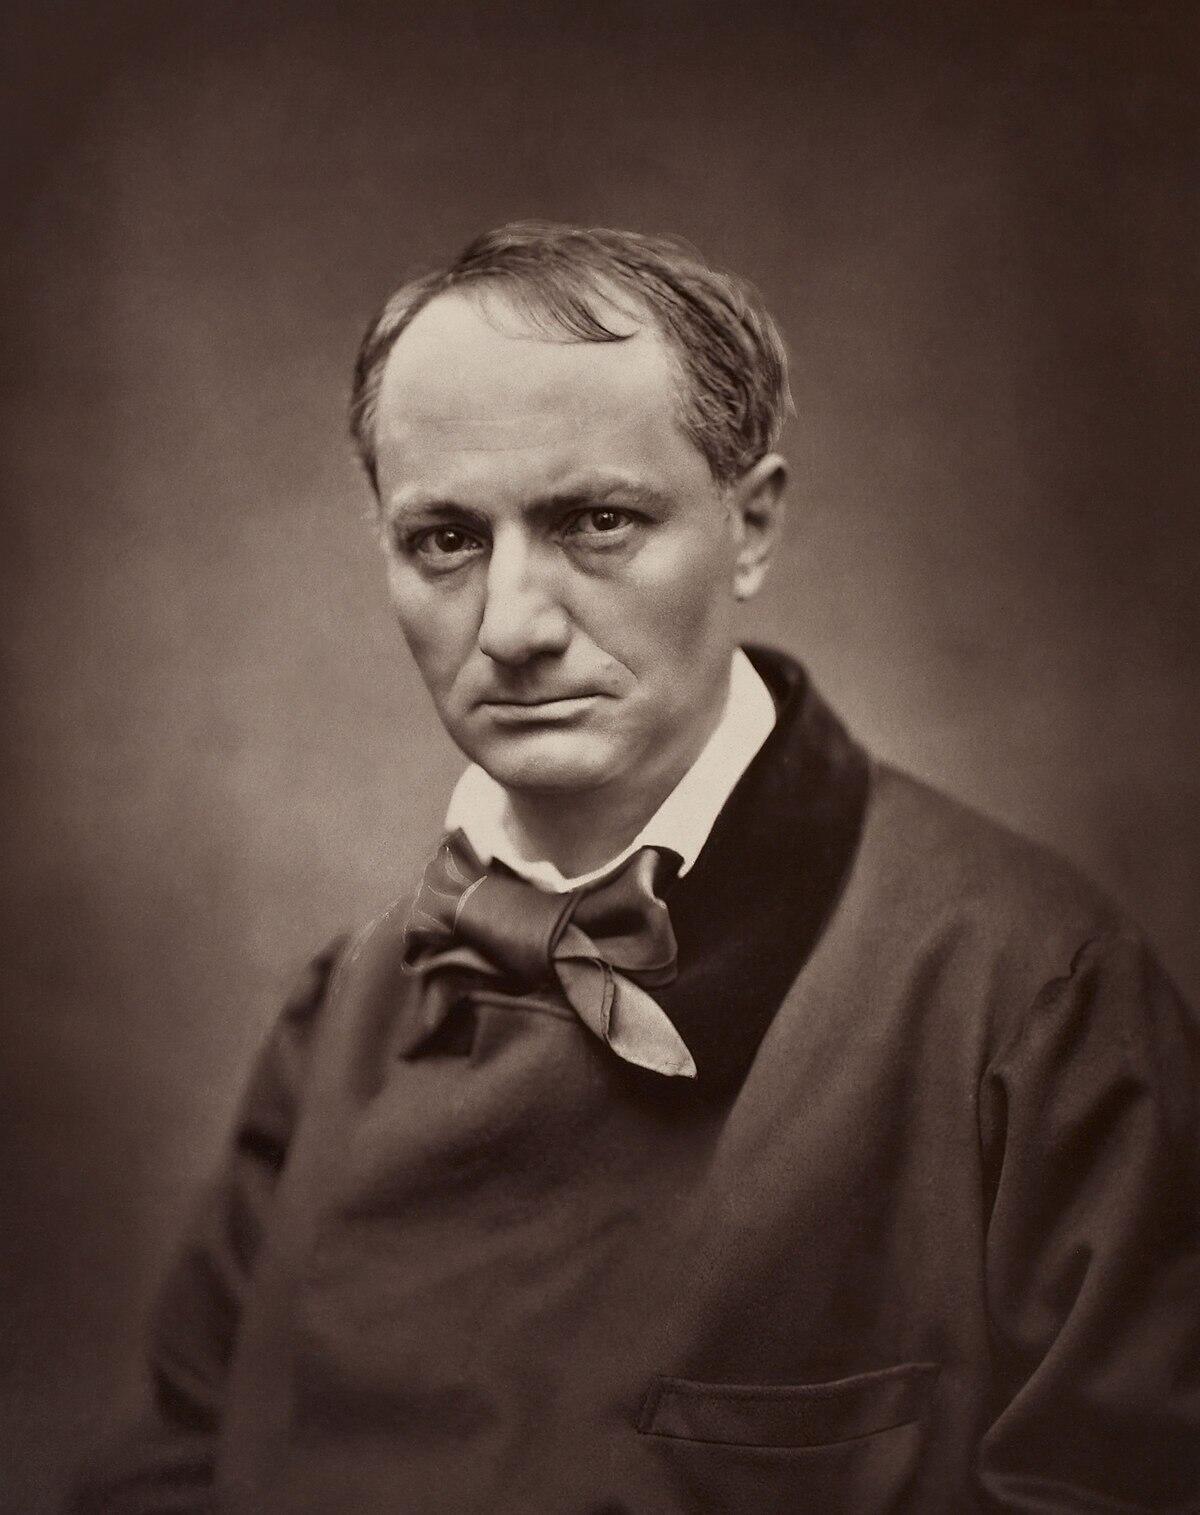 Charles Baudelaire par Étienne Carjat, en 1862.